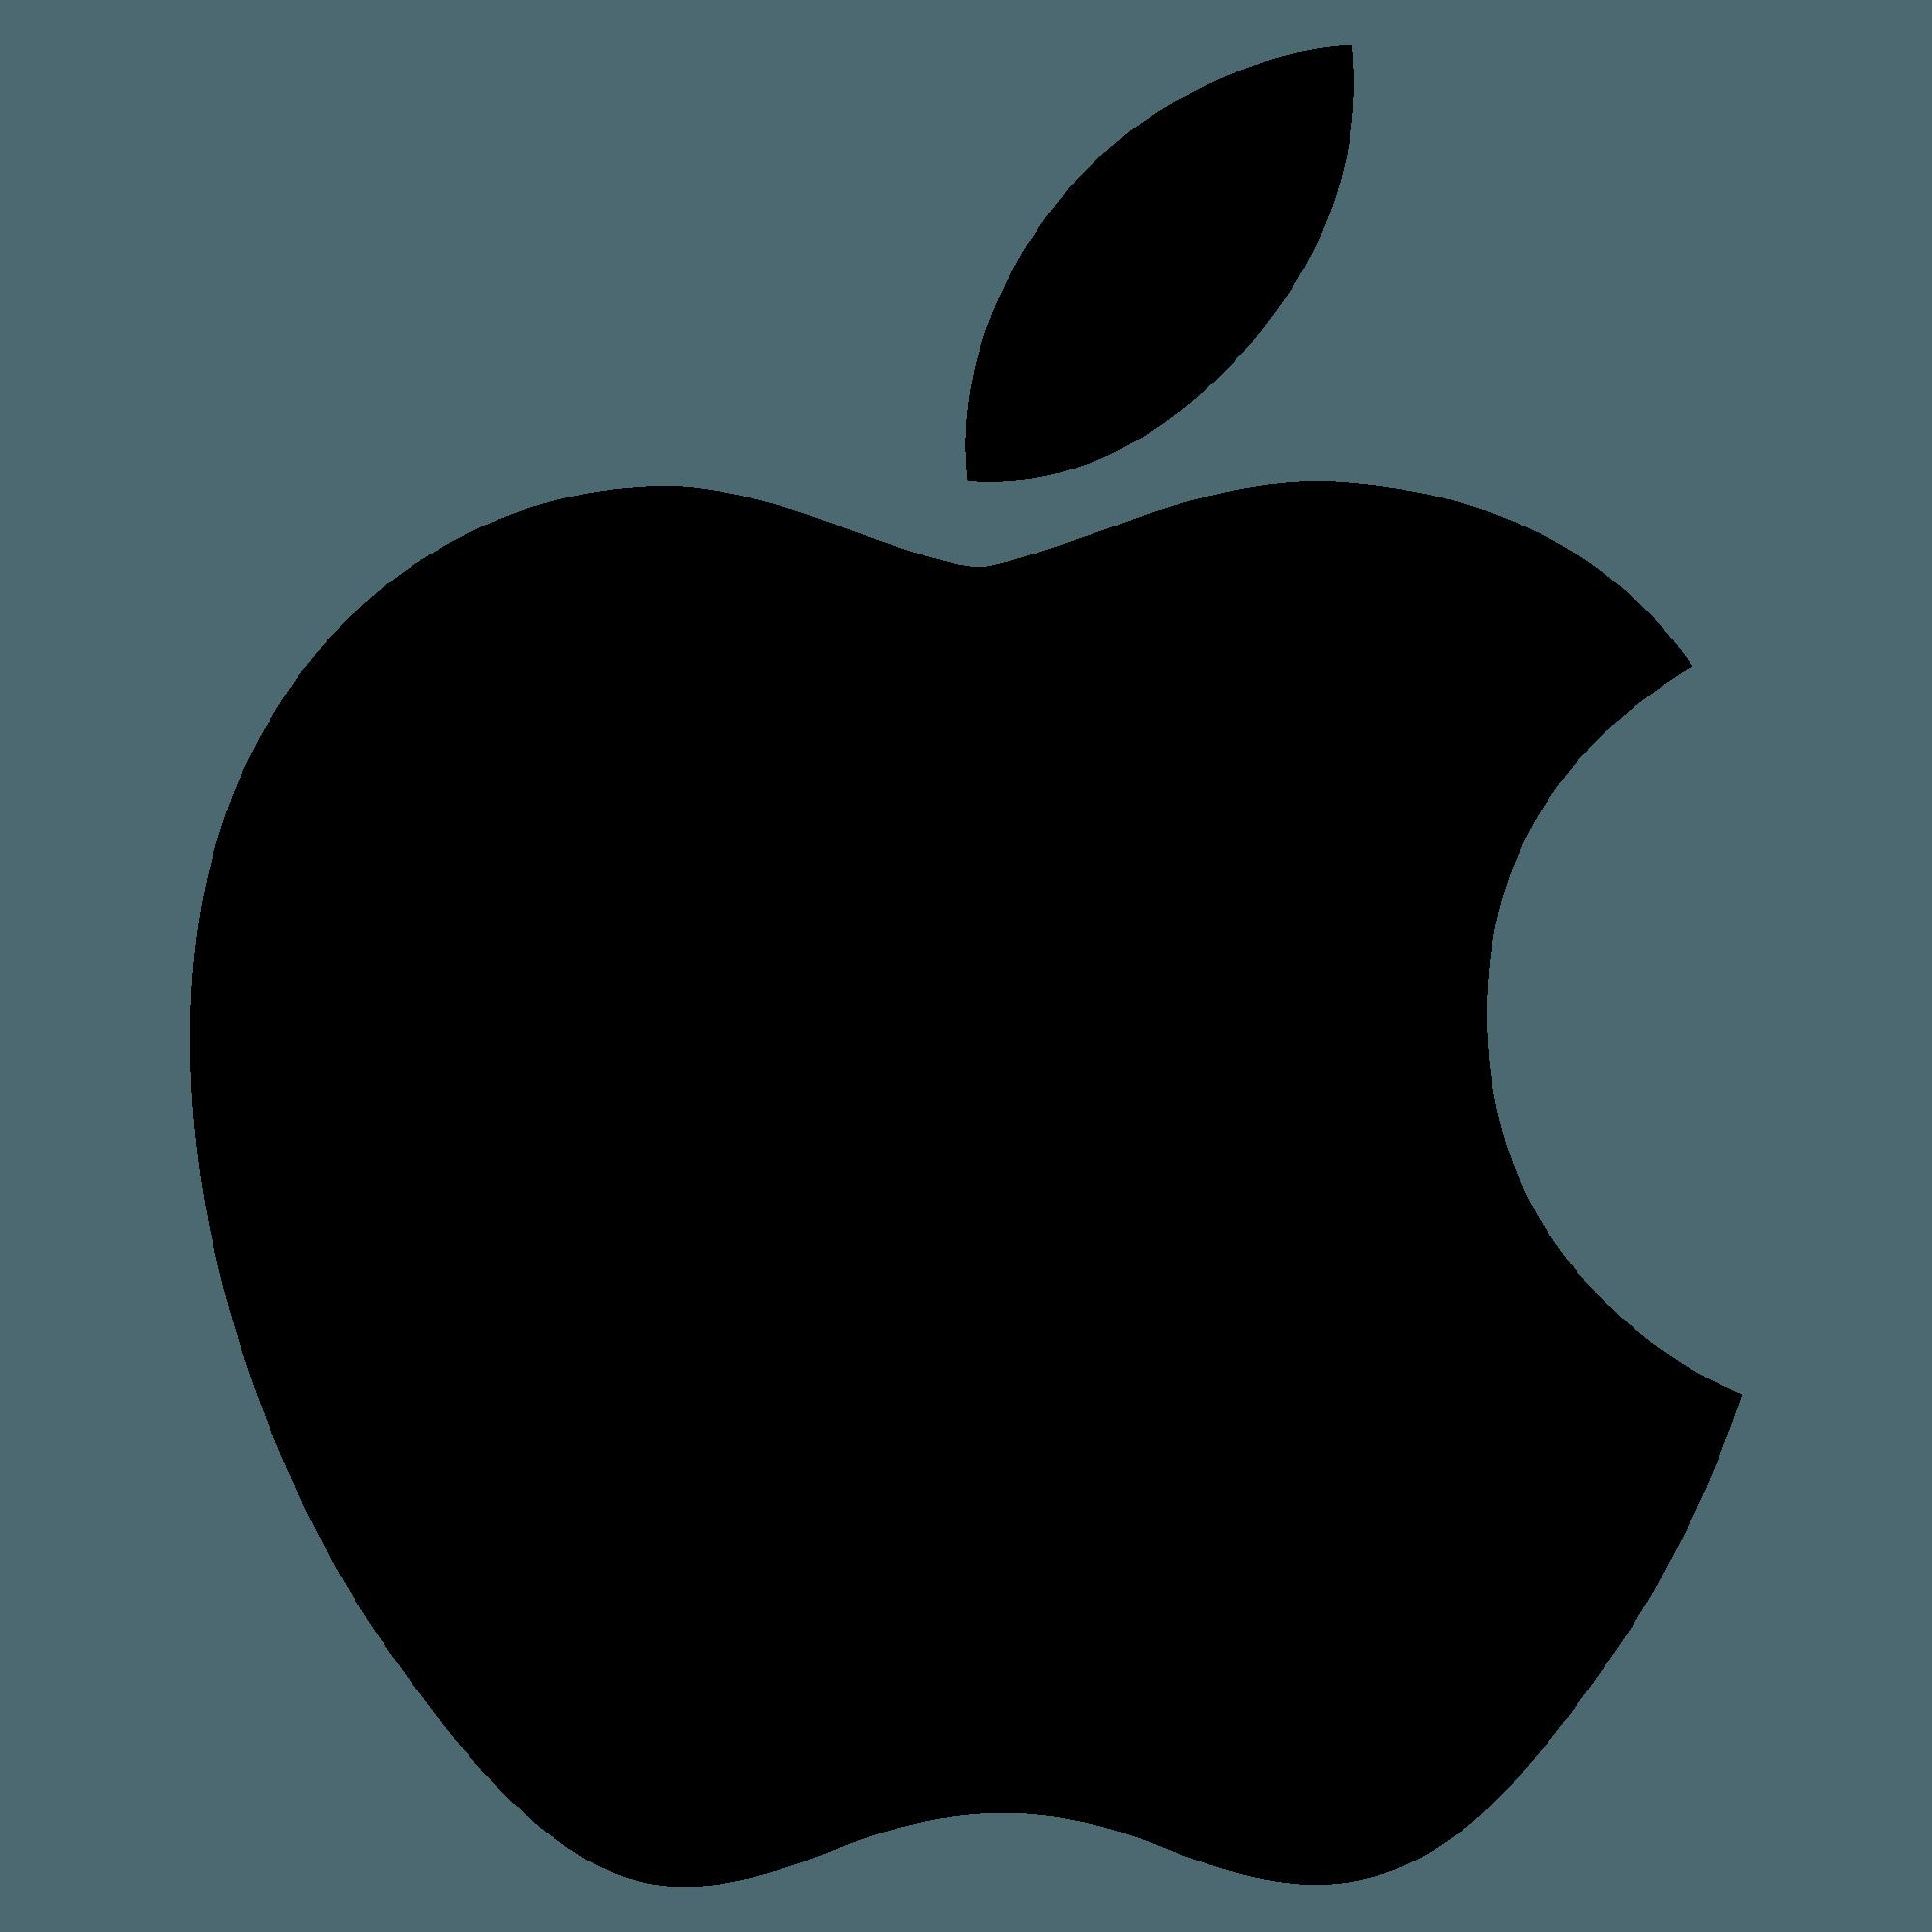 apple-corporate-logo